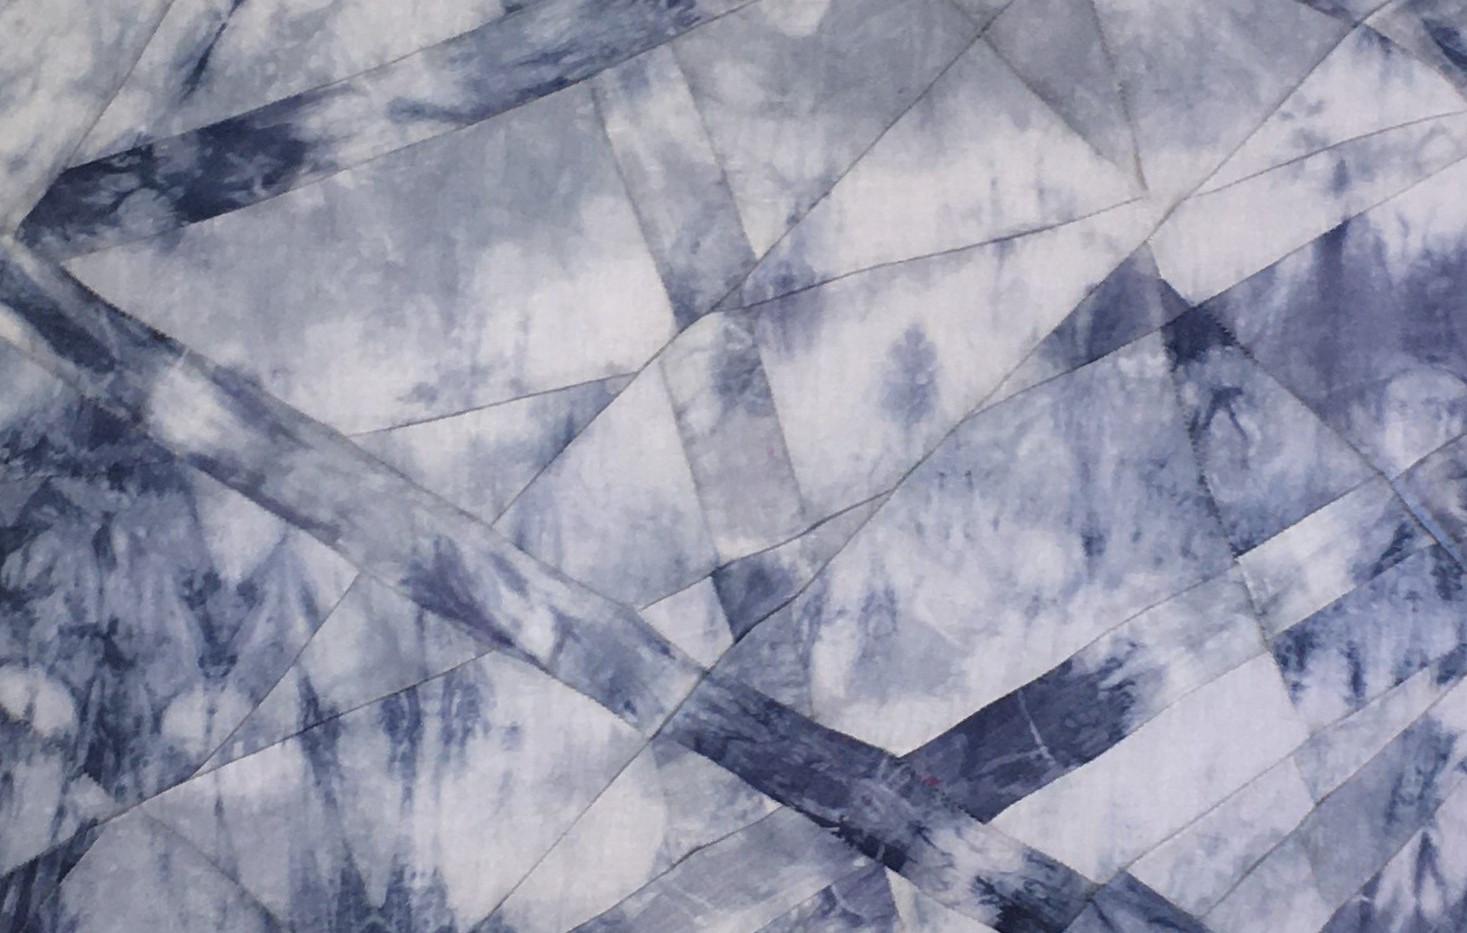 Sleet, 4'x2' Hand dyed linen light panel, 2020